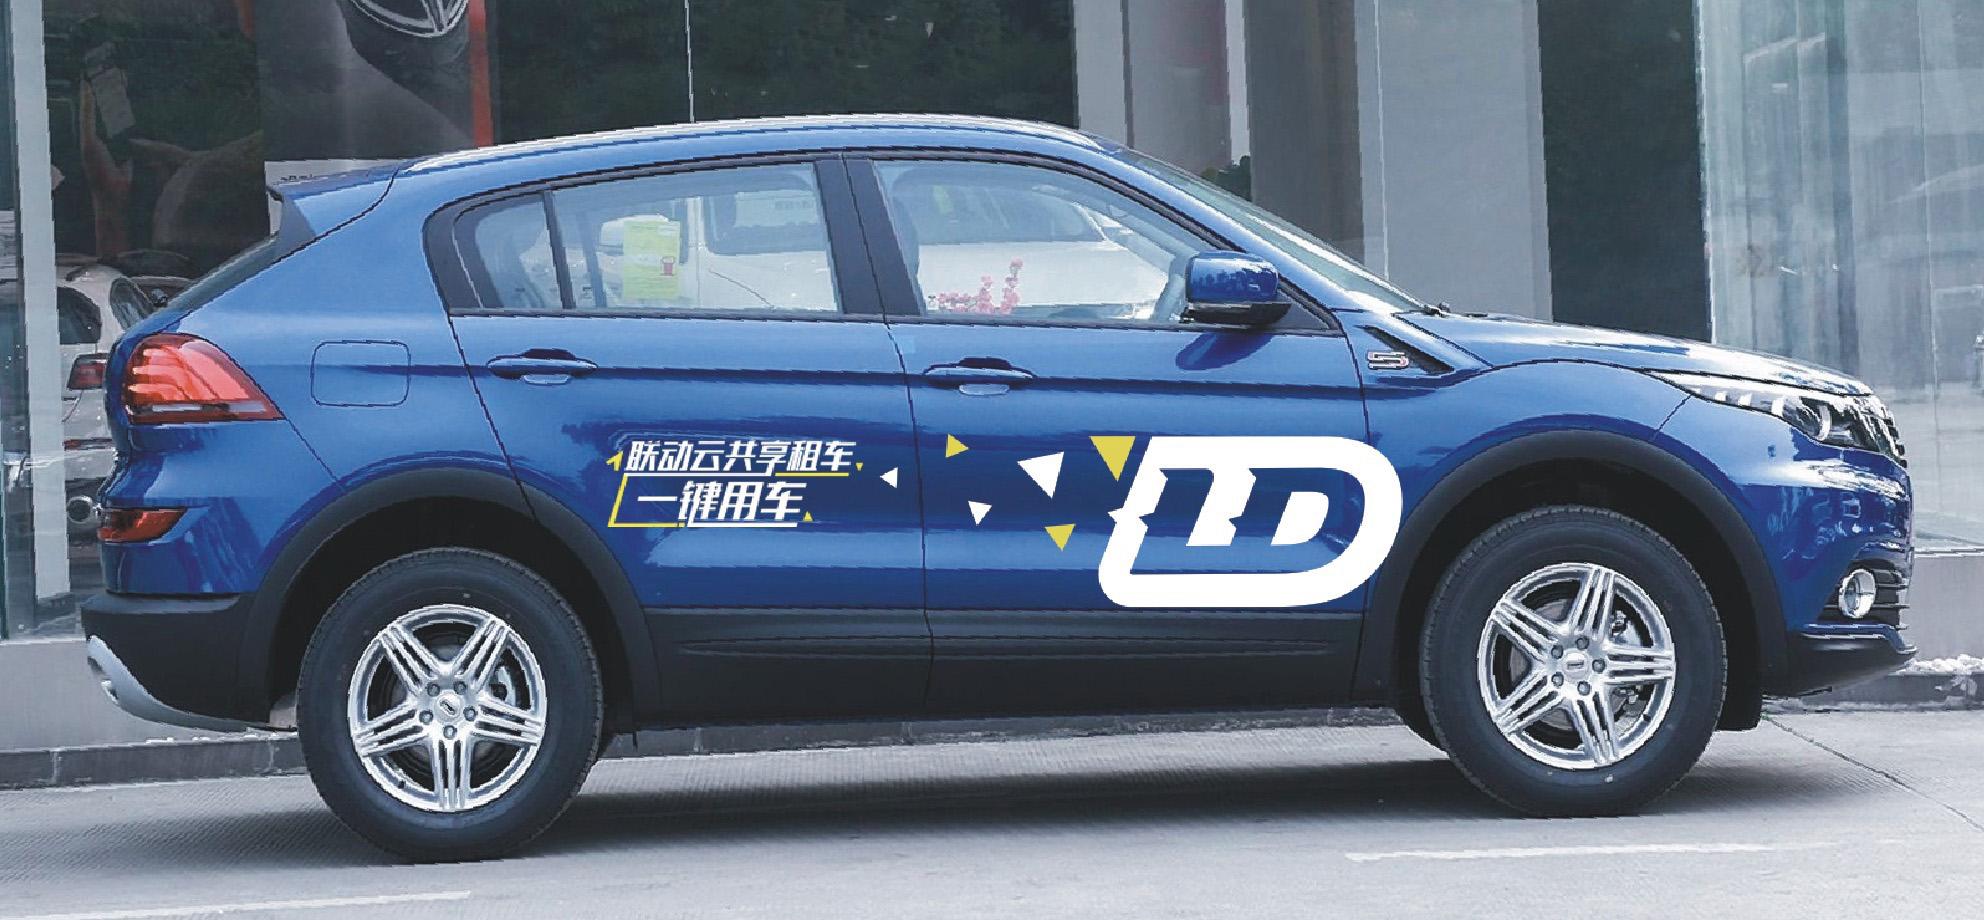 刷脸认证 一键用车 联动云共享租车进驻海南三